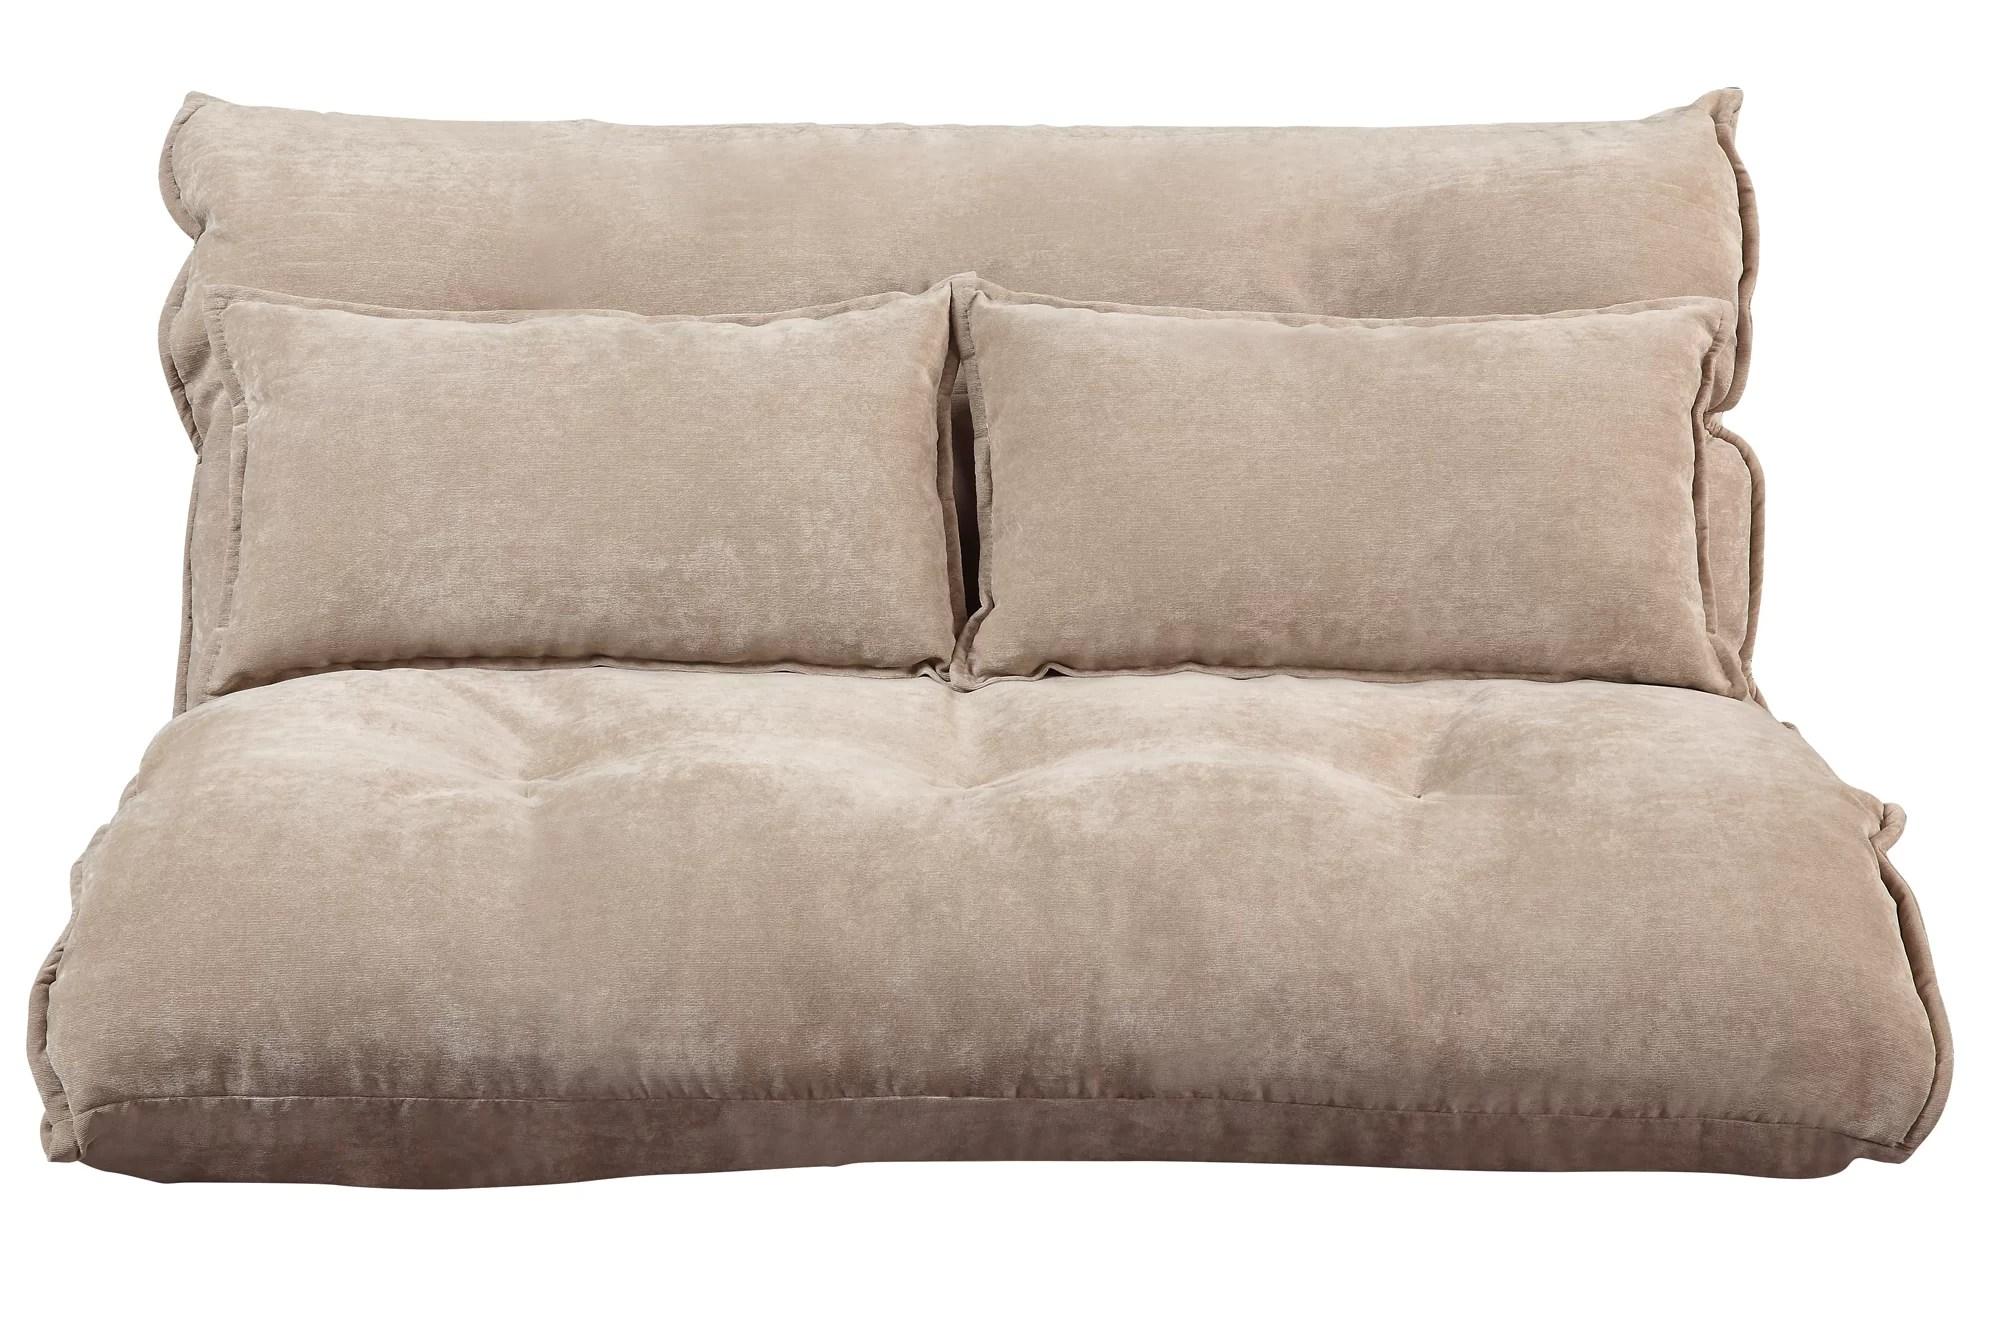 extra deep over 35 sofas free